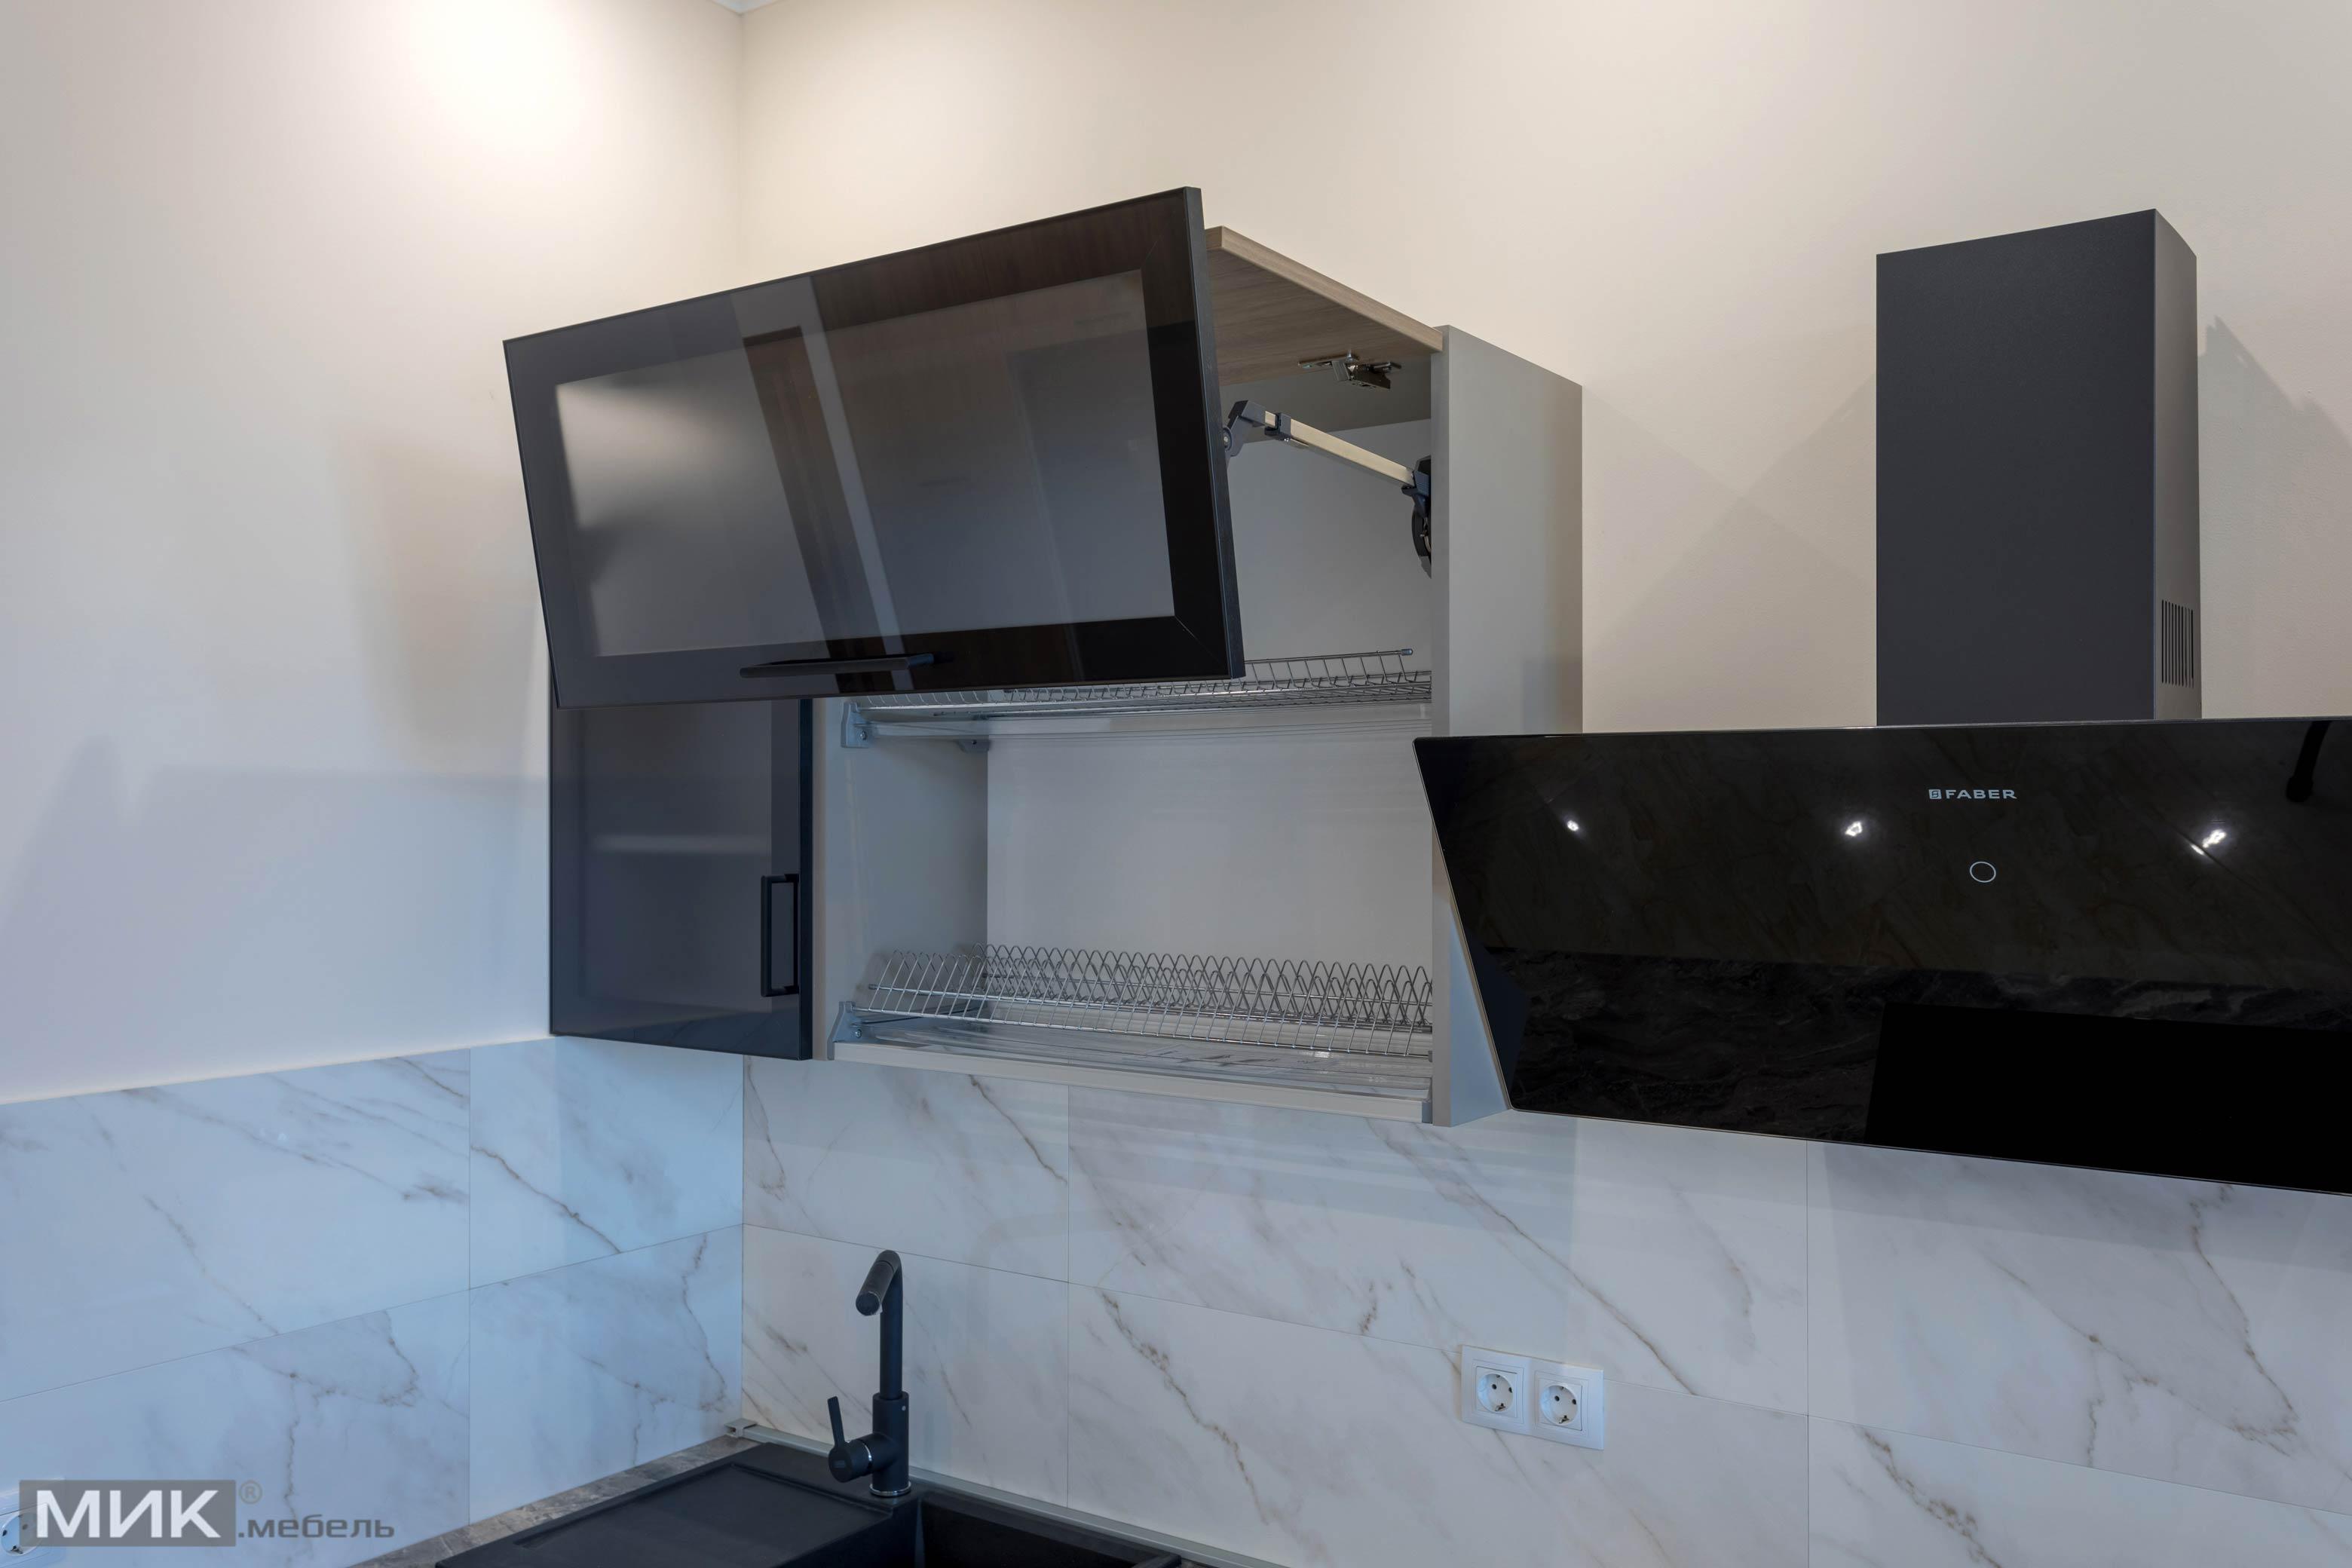 Навесной шкафвчик на кухне с системой Aventos